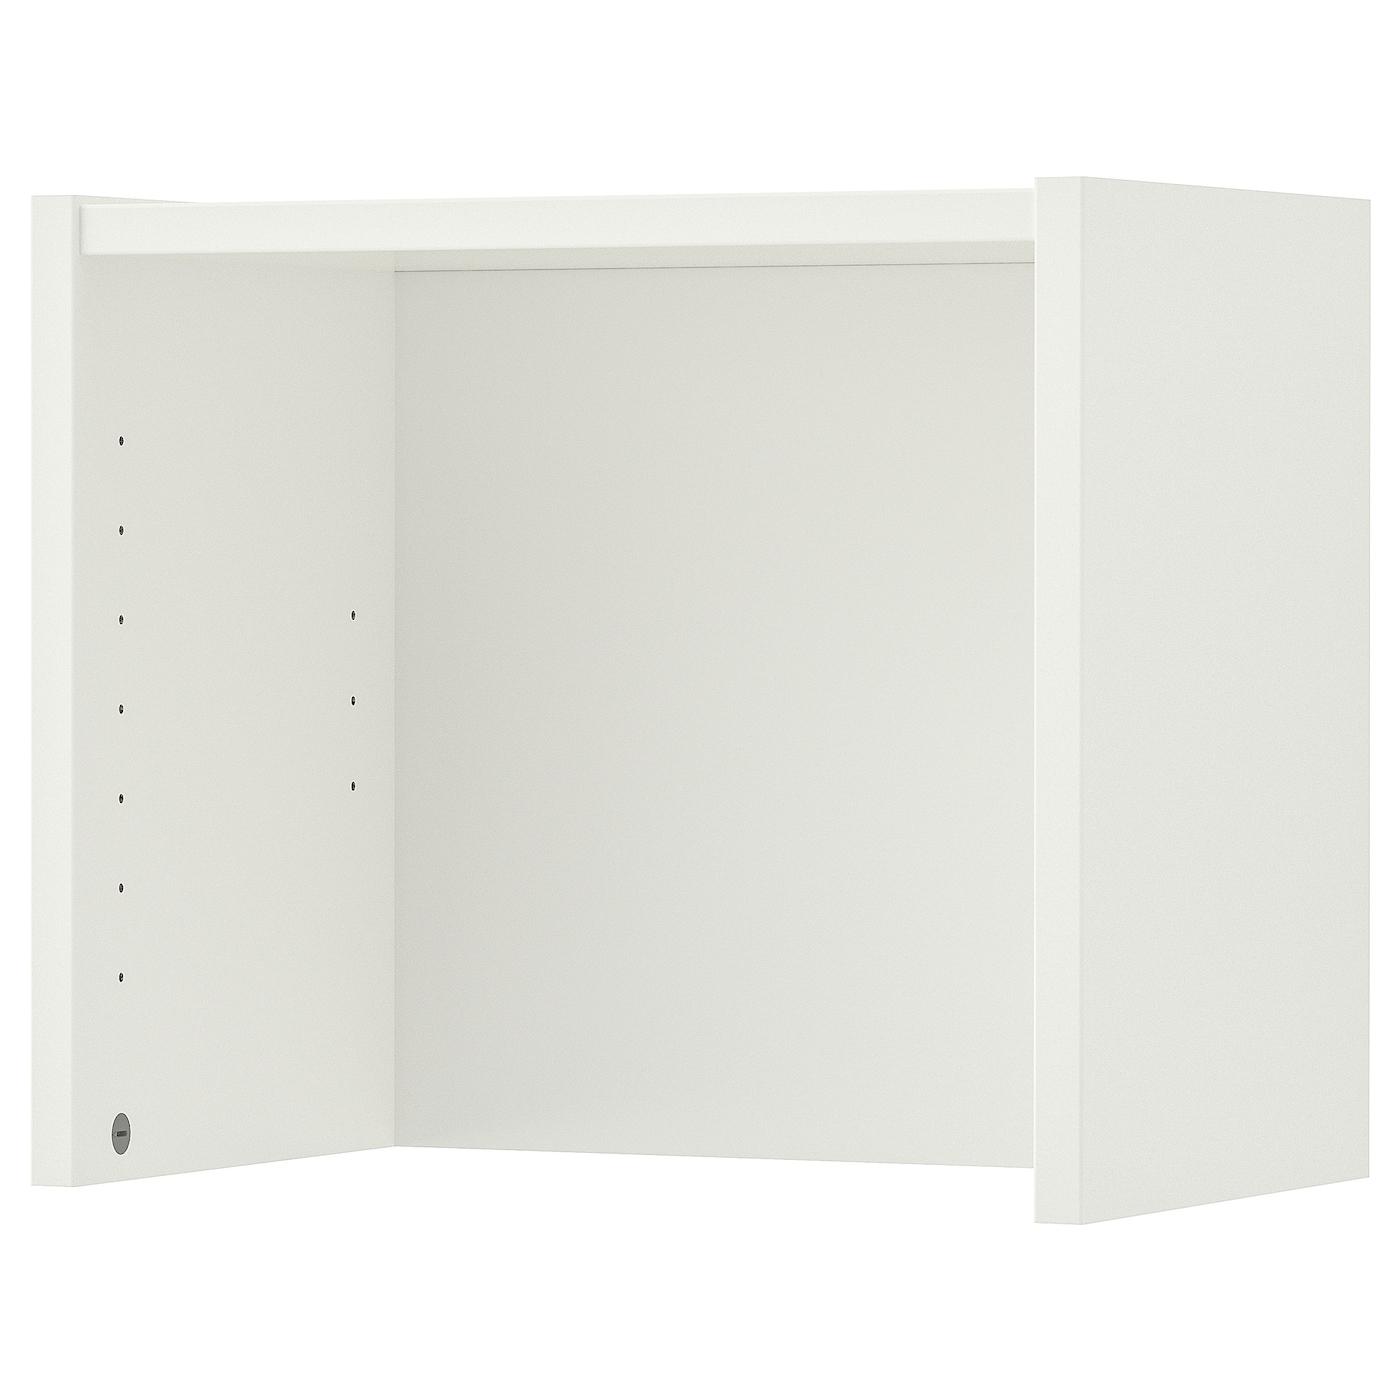 BILLY Aufsatzregal weiß IKEA Österreich